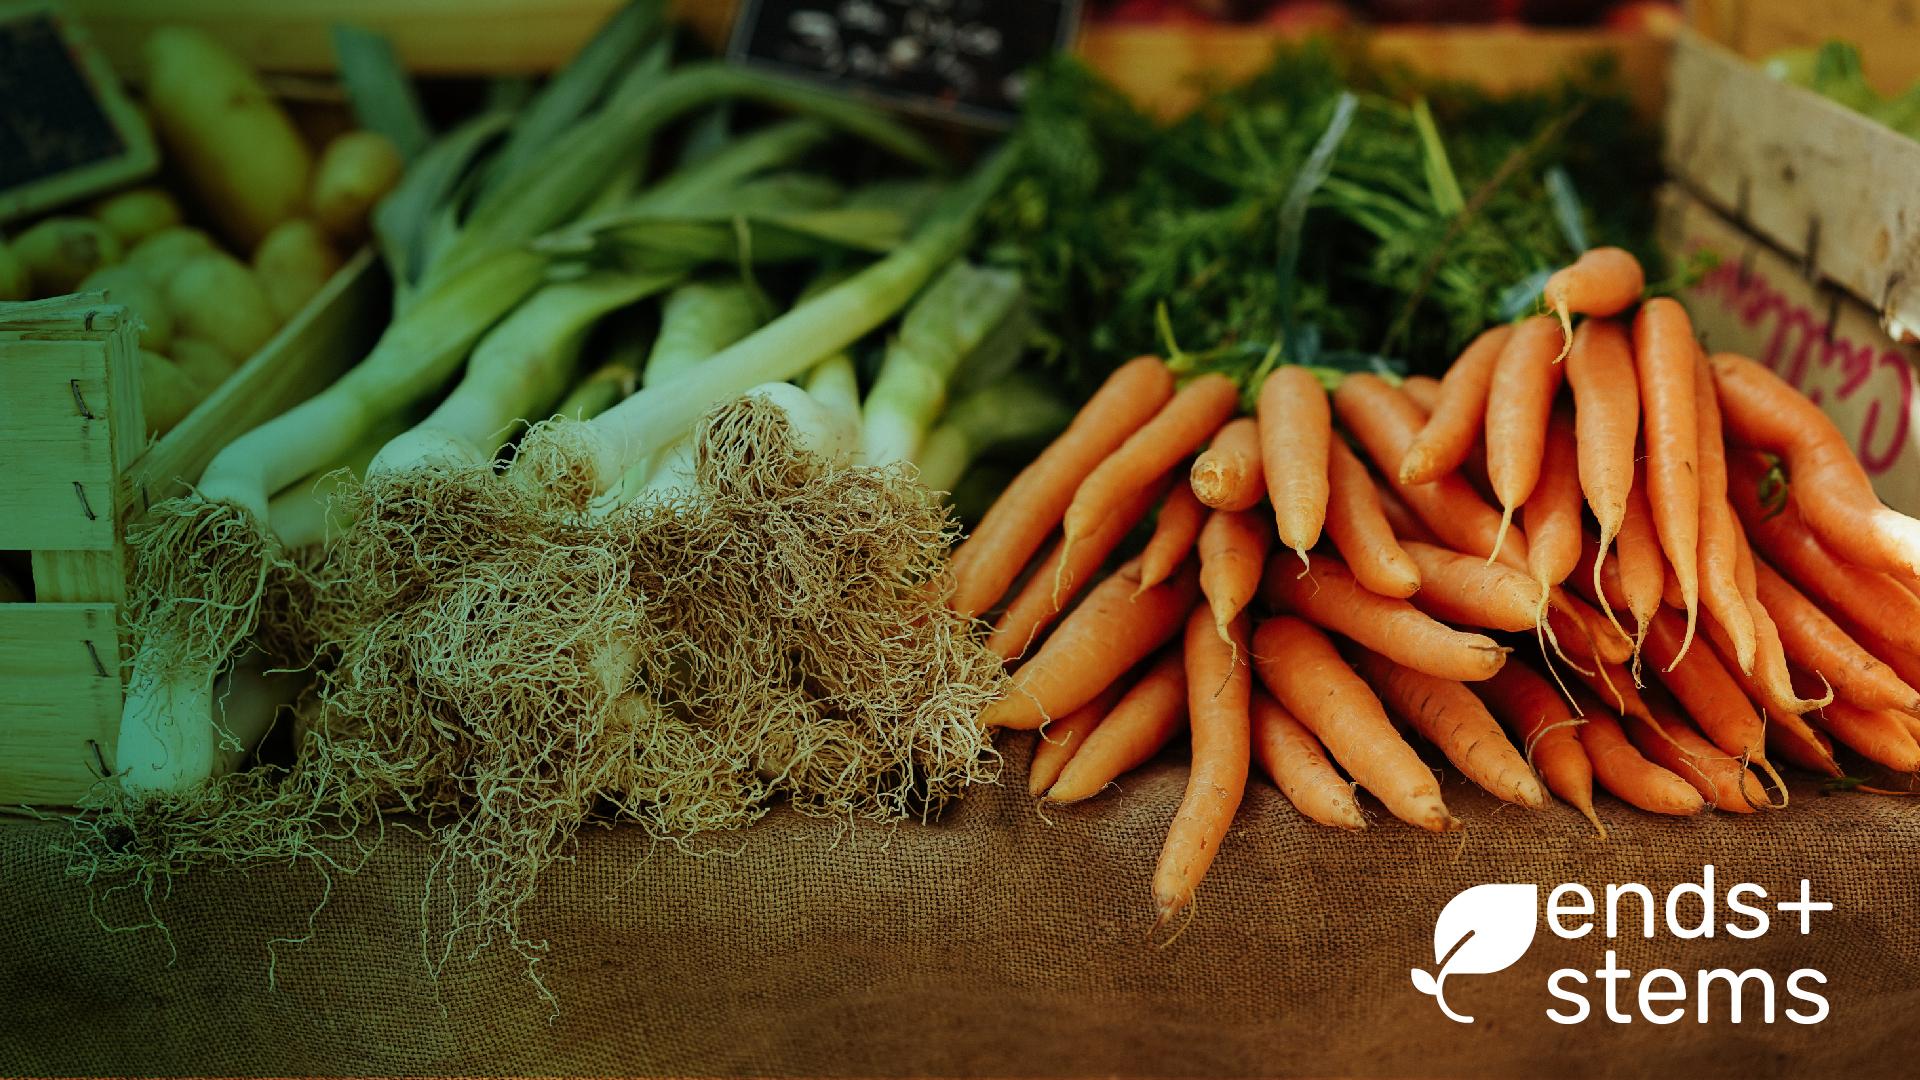 veggies-small-01.jpg